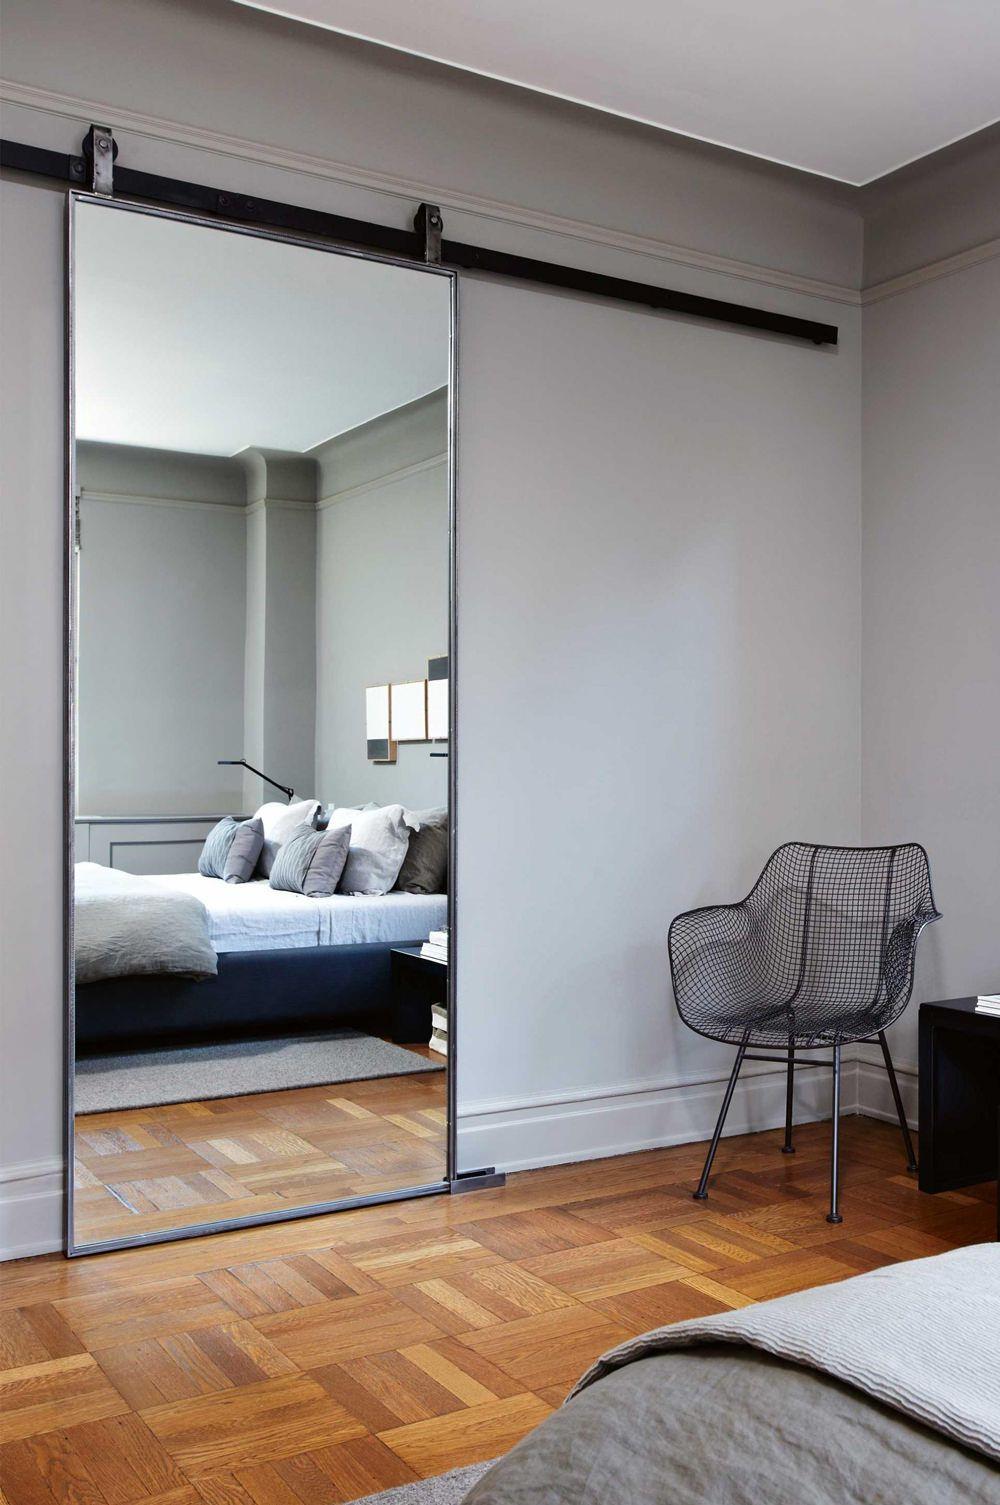 Specchio Design Per Camera Da Letto.Porte Scorrevoli Guida Alla Scelta 40 Idee Moderne Camere Da